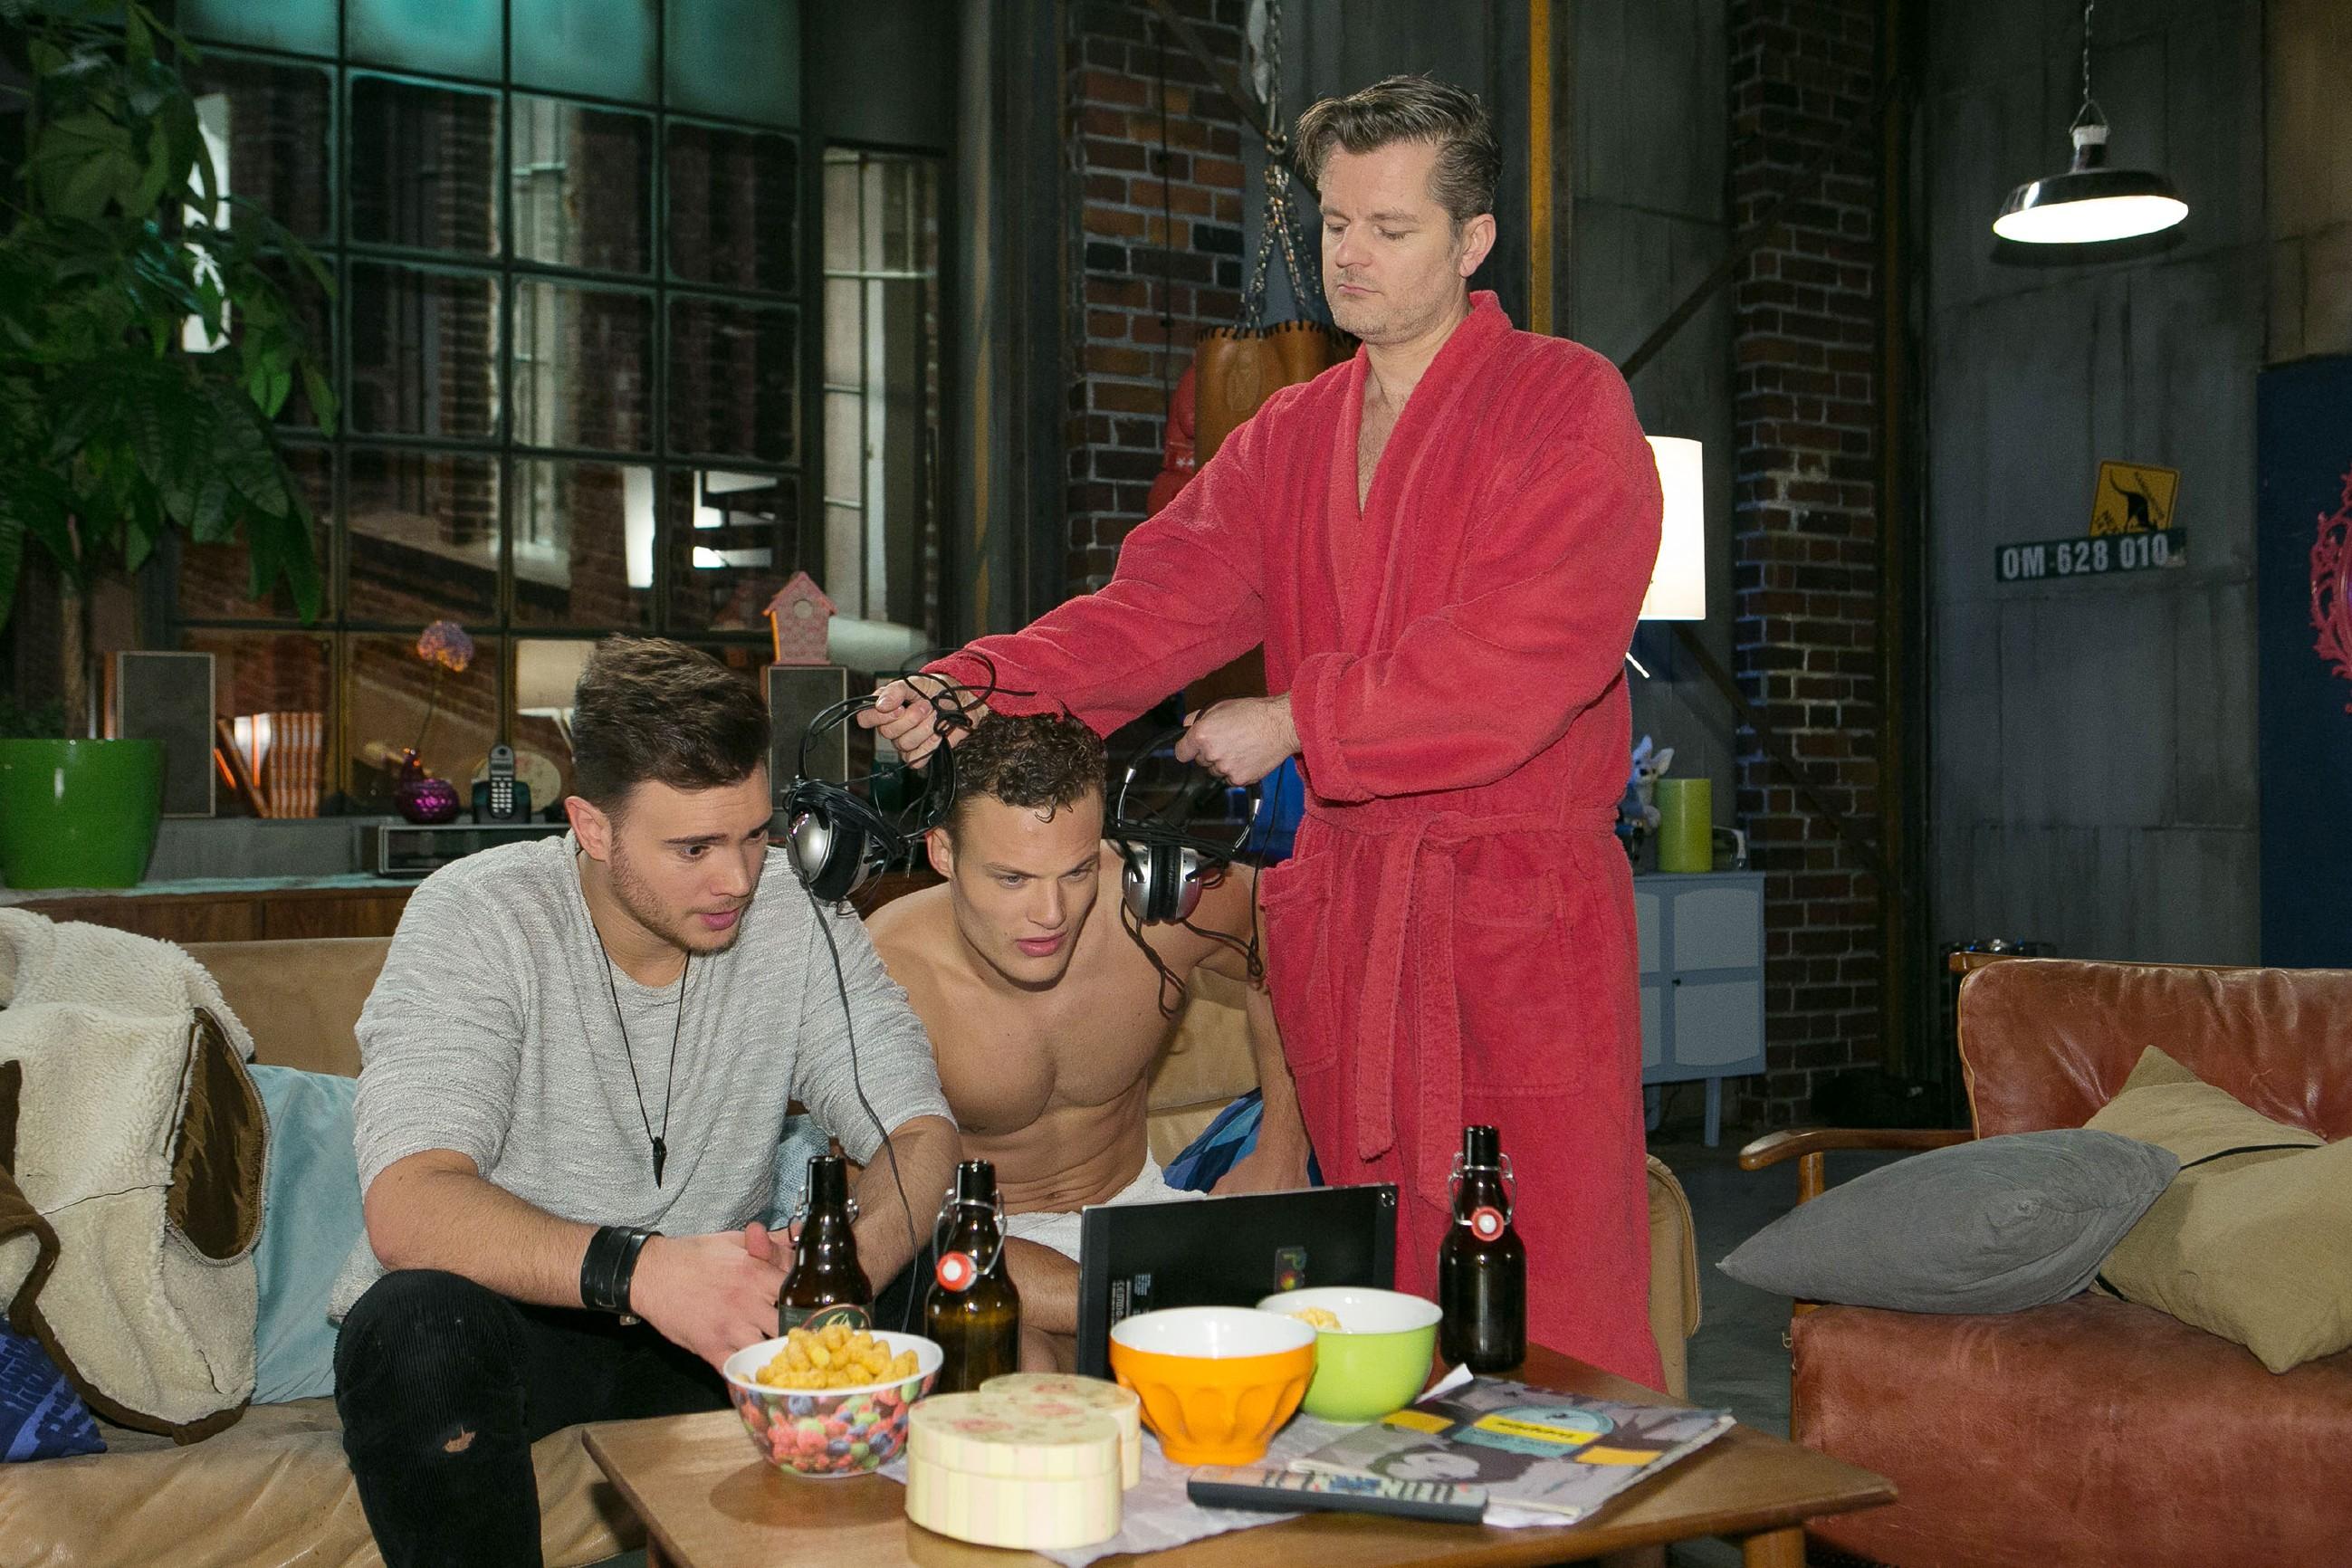 Ingo (André Dietz, r.) ist von von Ronny (Bela Klentze, l.) und Tim (Robert Maaser) genervt, die sich Videos auf dem Laptop ansehen.